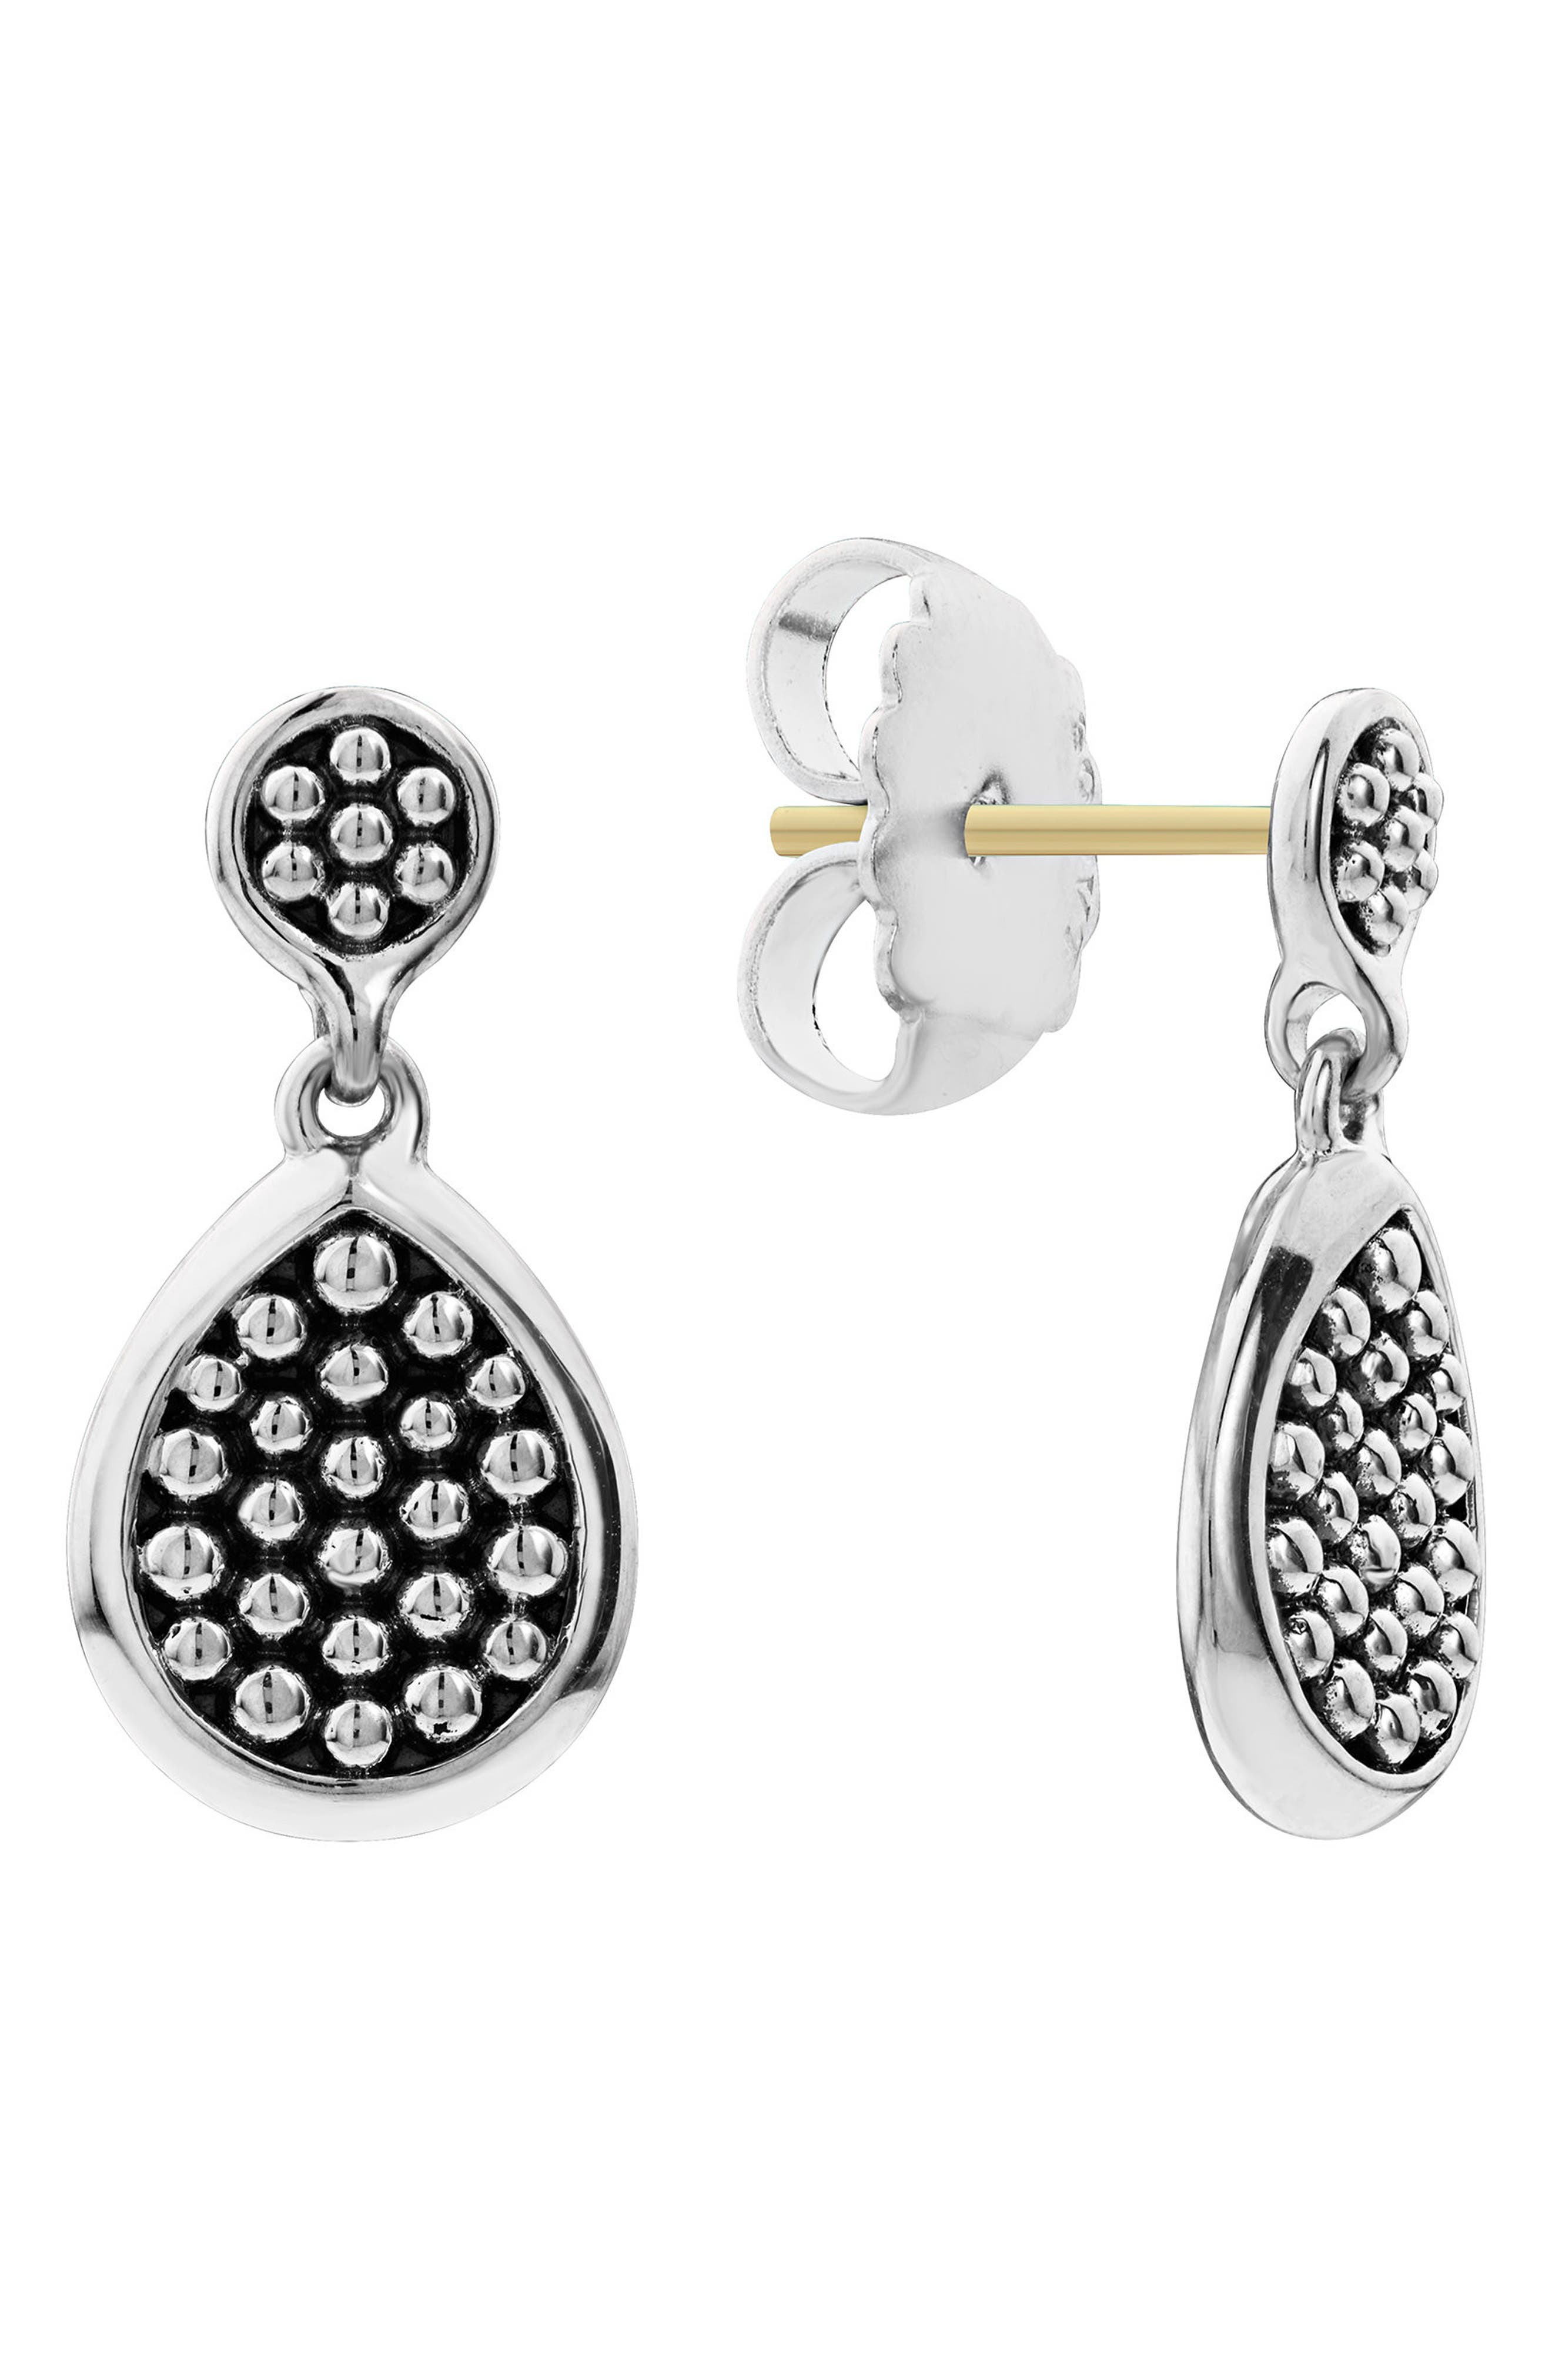 Signature Caviar Flat Drop Earrings,                             Main thumbnail 1, color,                             Silver